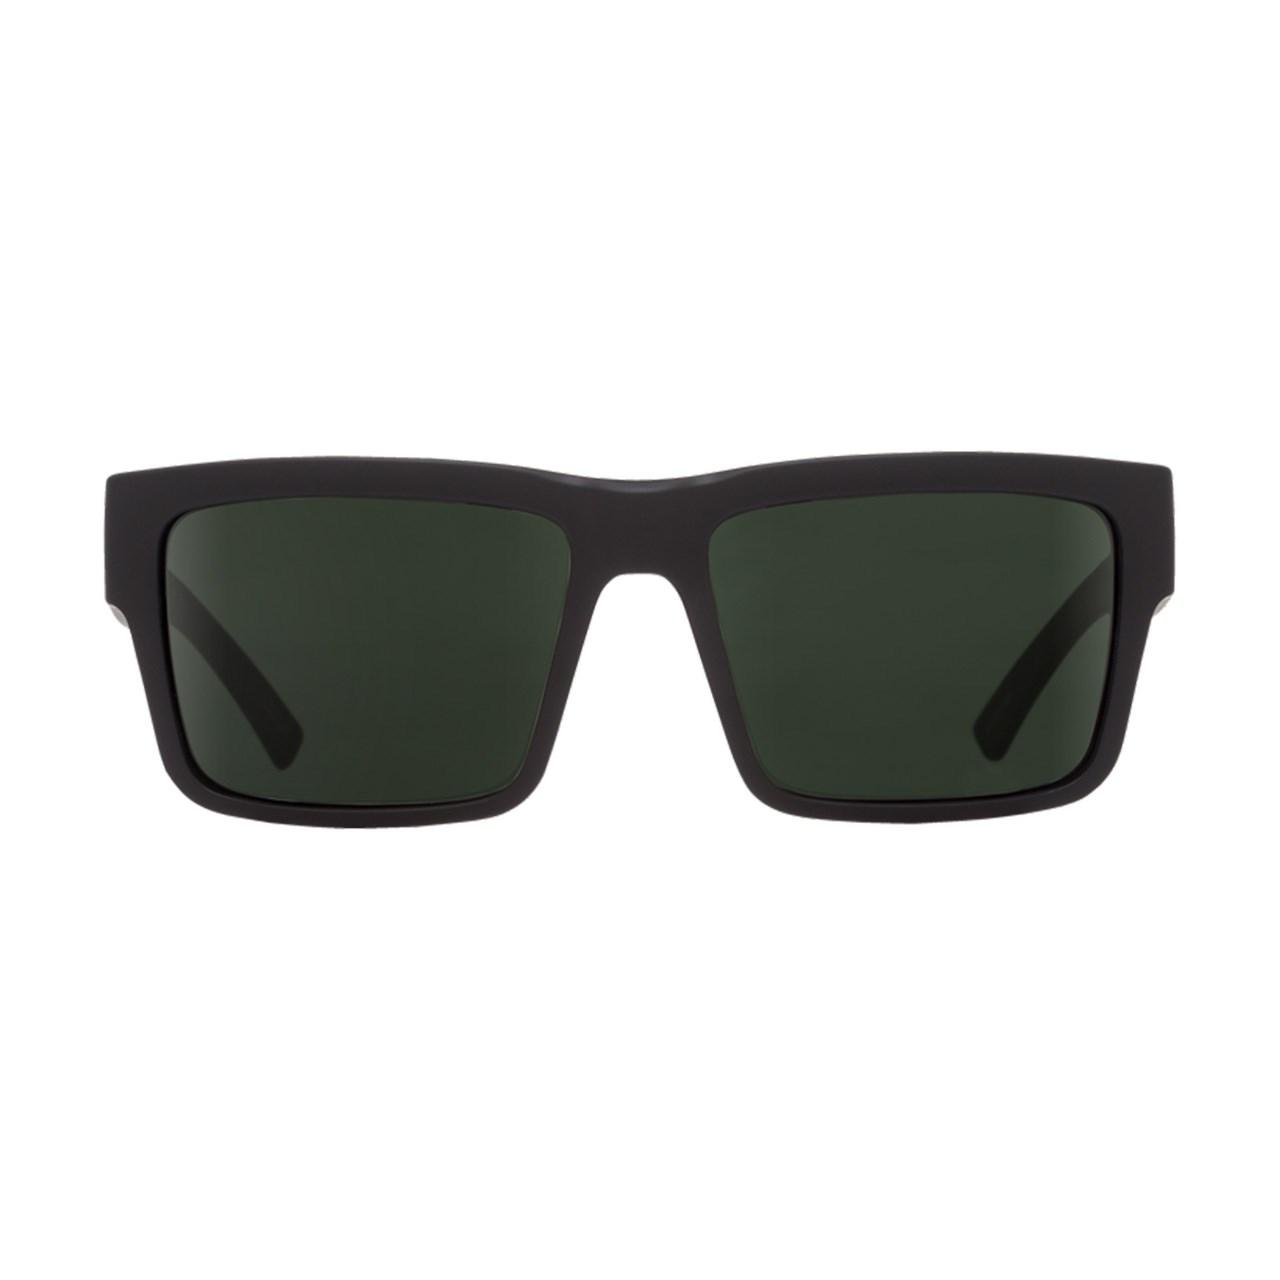 عینک آفتابی اسپای سری Montana مدل Soft Matte Black Happy Gray Green